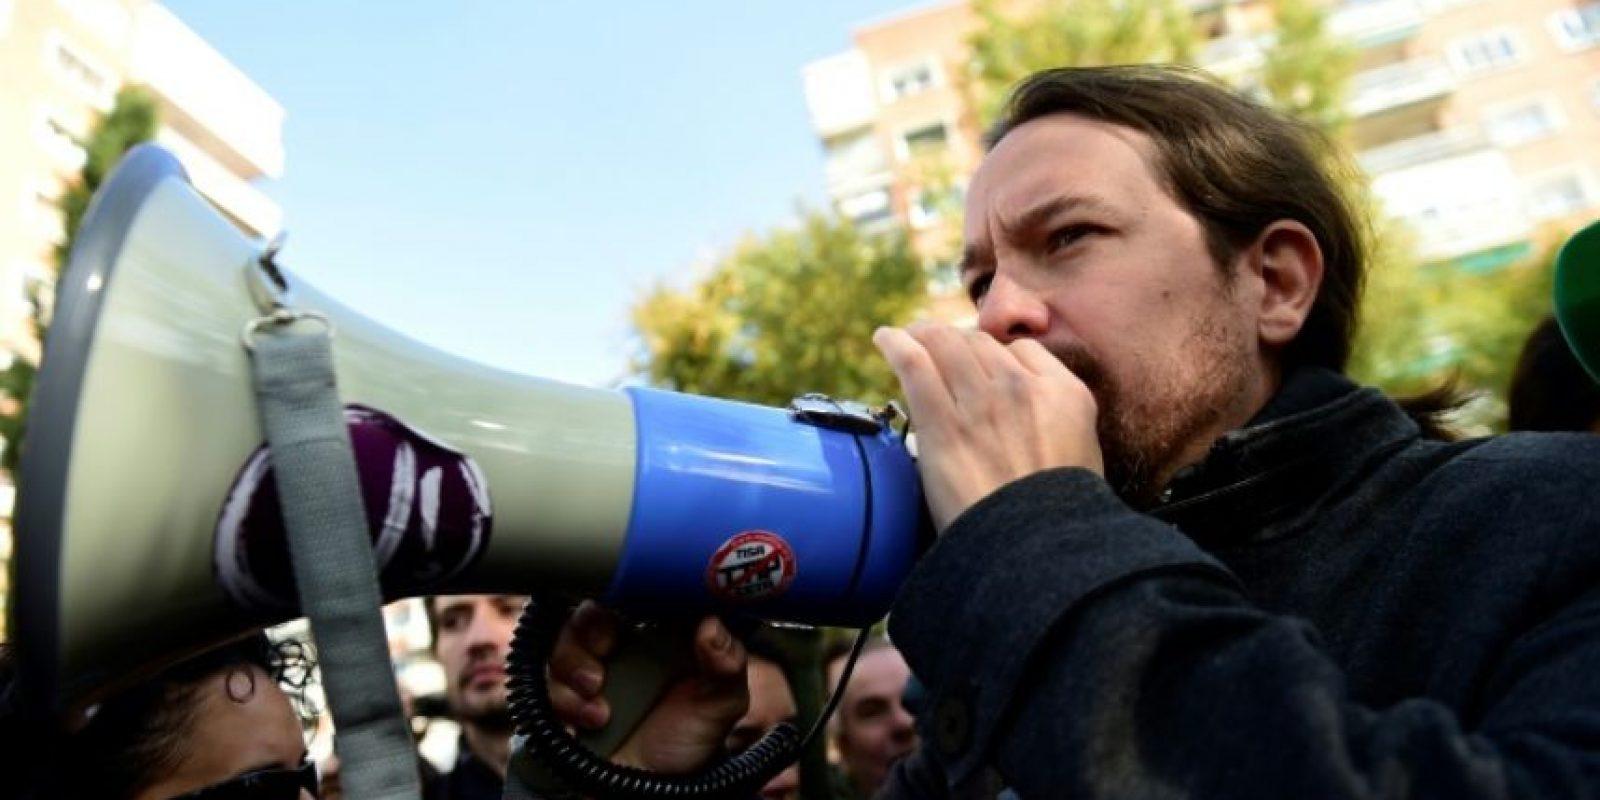 El líder del partido de izquierda Podemos, Pablo Iglesias utiliza un megáfono durante una manifestación frente a la empresa energética Unión Fenosa, en Madrid, el 19 de noviembre de 2016 Foto:PIERRE-PHILIPPE MARCOU/afp.com